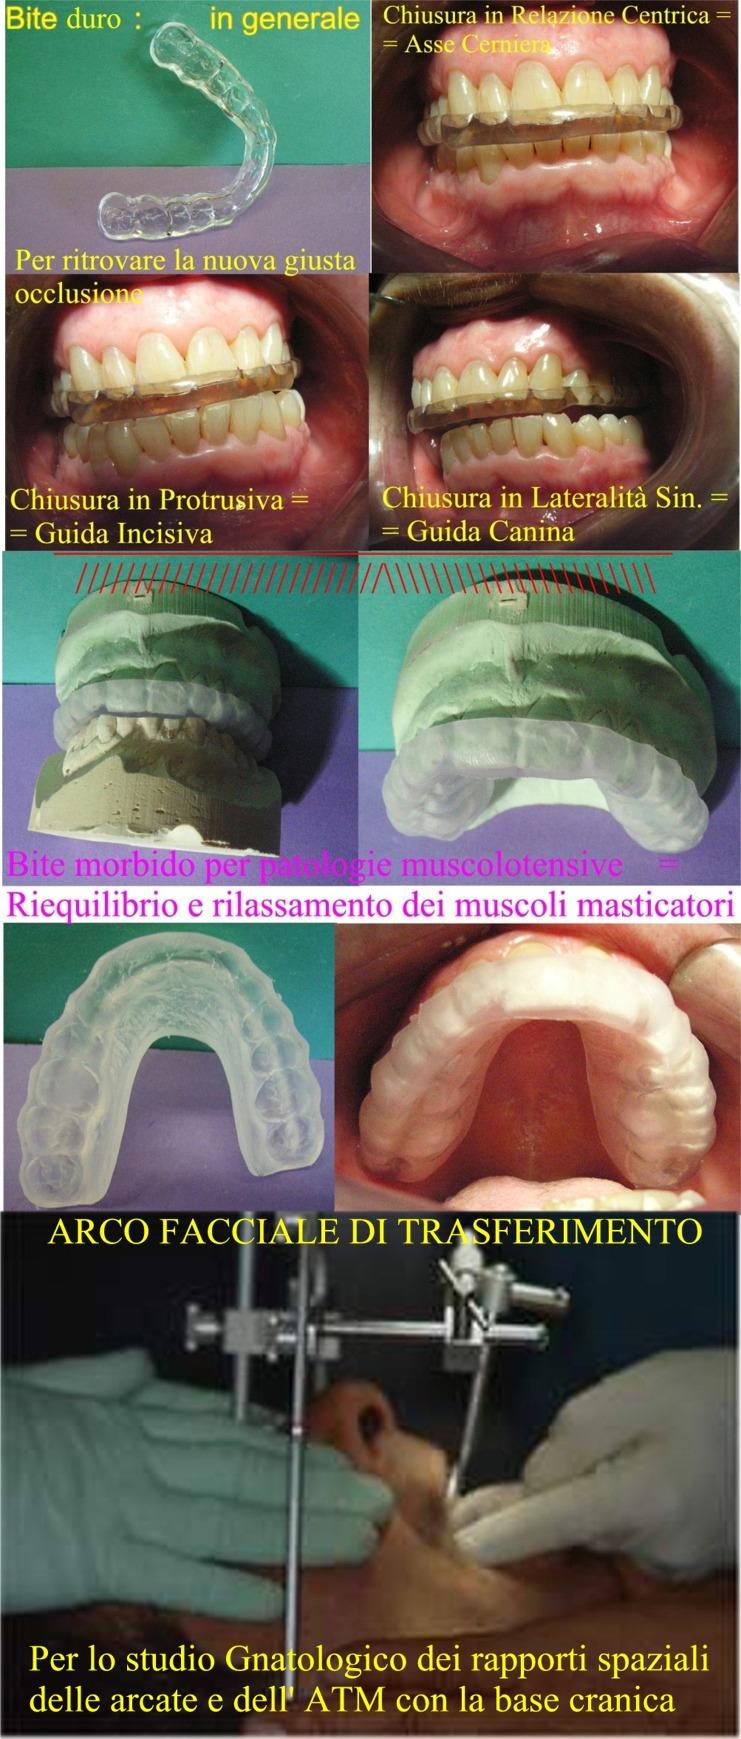 Diversi tipi di Bite ed Arco facciale di trasferimento per completare la valutazione Gnatologica. Da casistica del Dr. Gustavo Petti Parodontologo Gnatologo di Cagliari